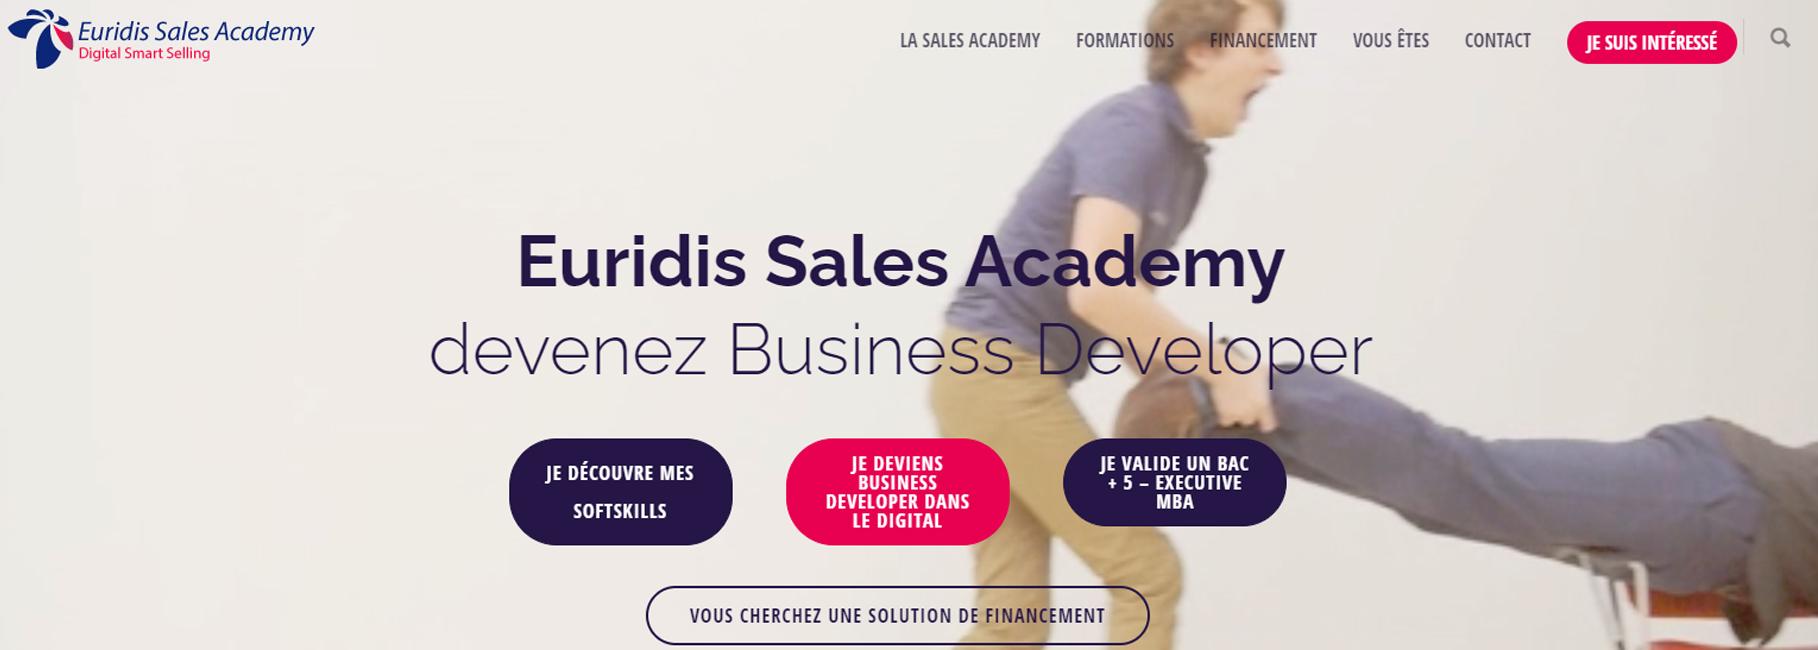 A découvrir les formations sur le site Internet d'Euridis Sale Academy